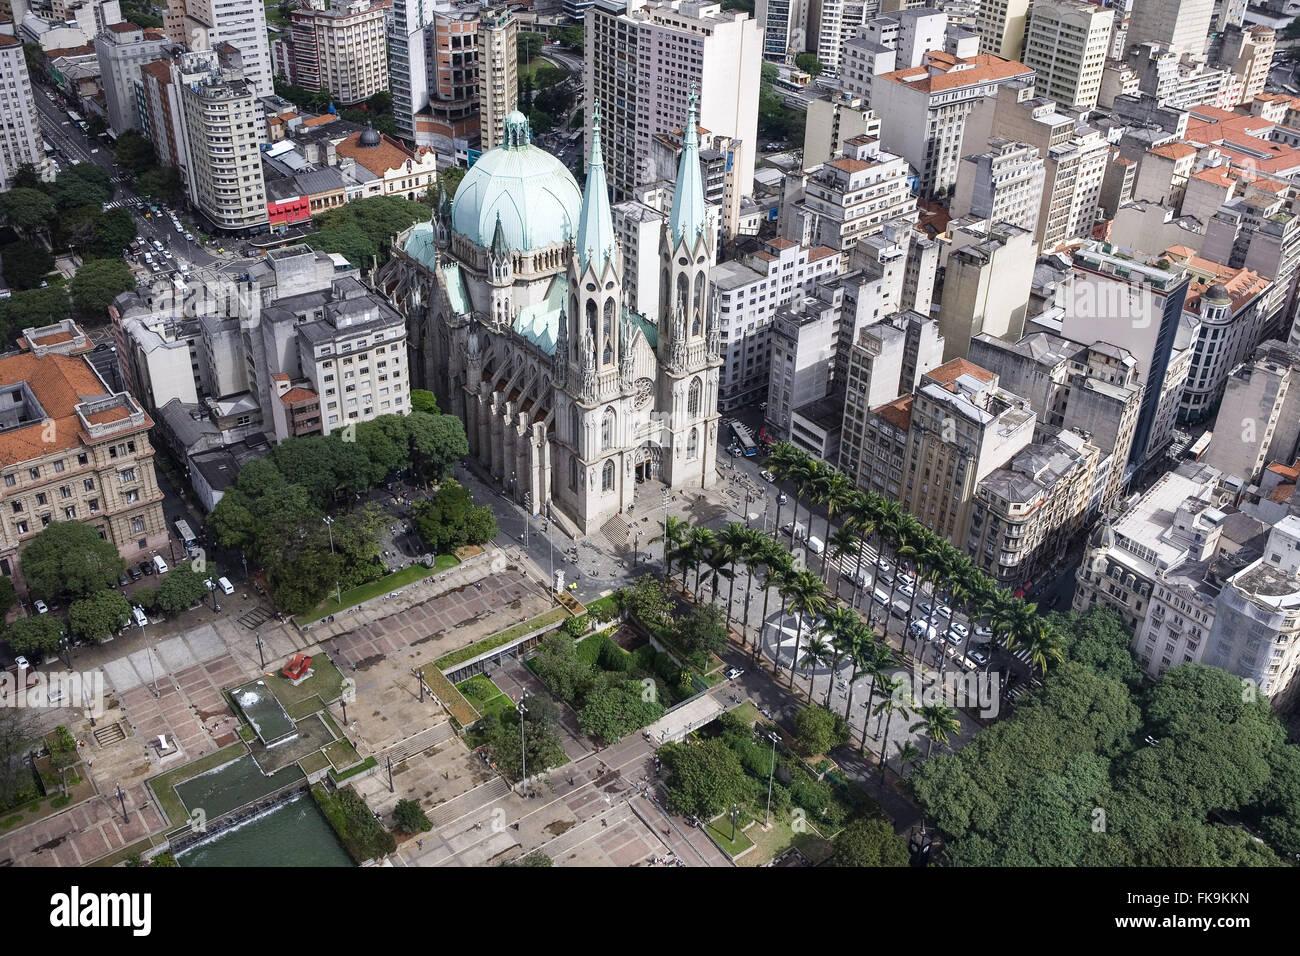 Vista aerea della Cattedrale metropolitana di Sao Paulo Praca da sé e Praca Clovis Bevilacqua Immagini Stock